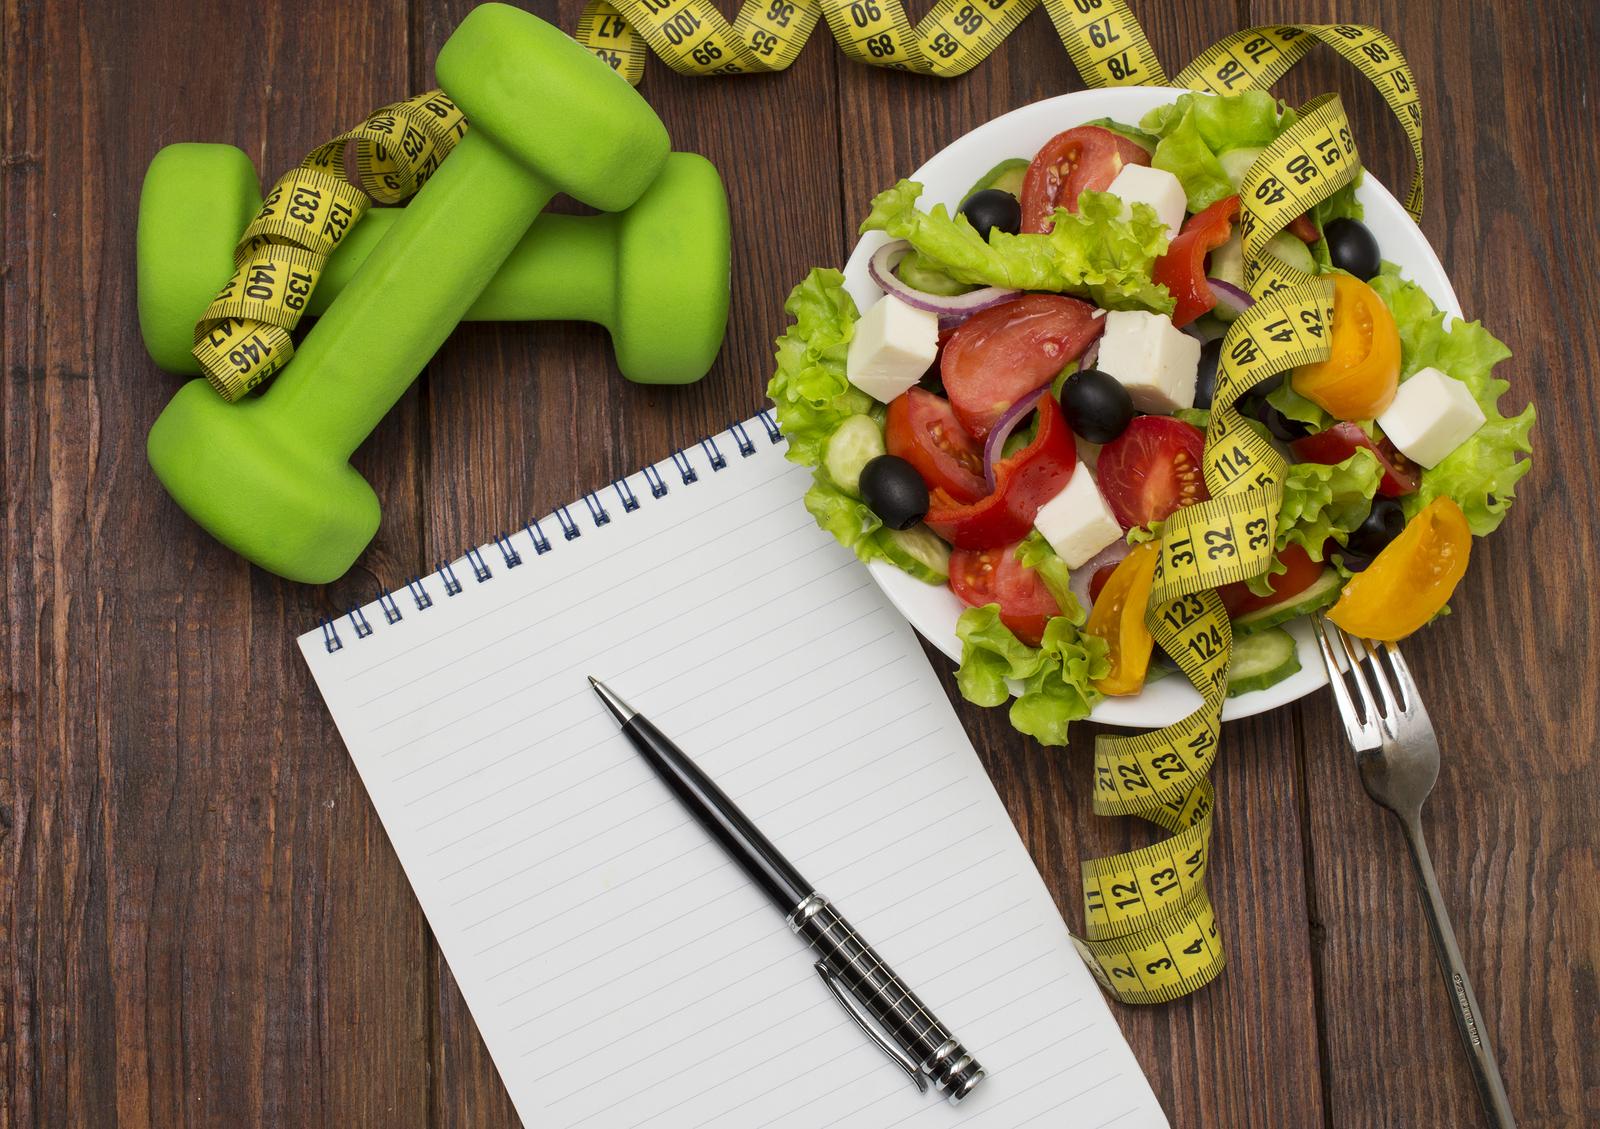 Dzienne zapotrzebowanie kaloryczne schudnąć kalkulator